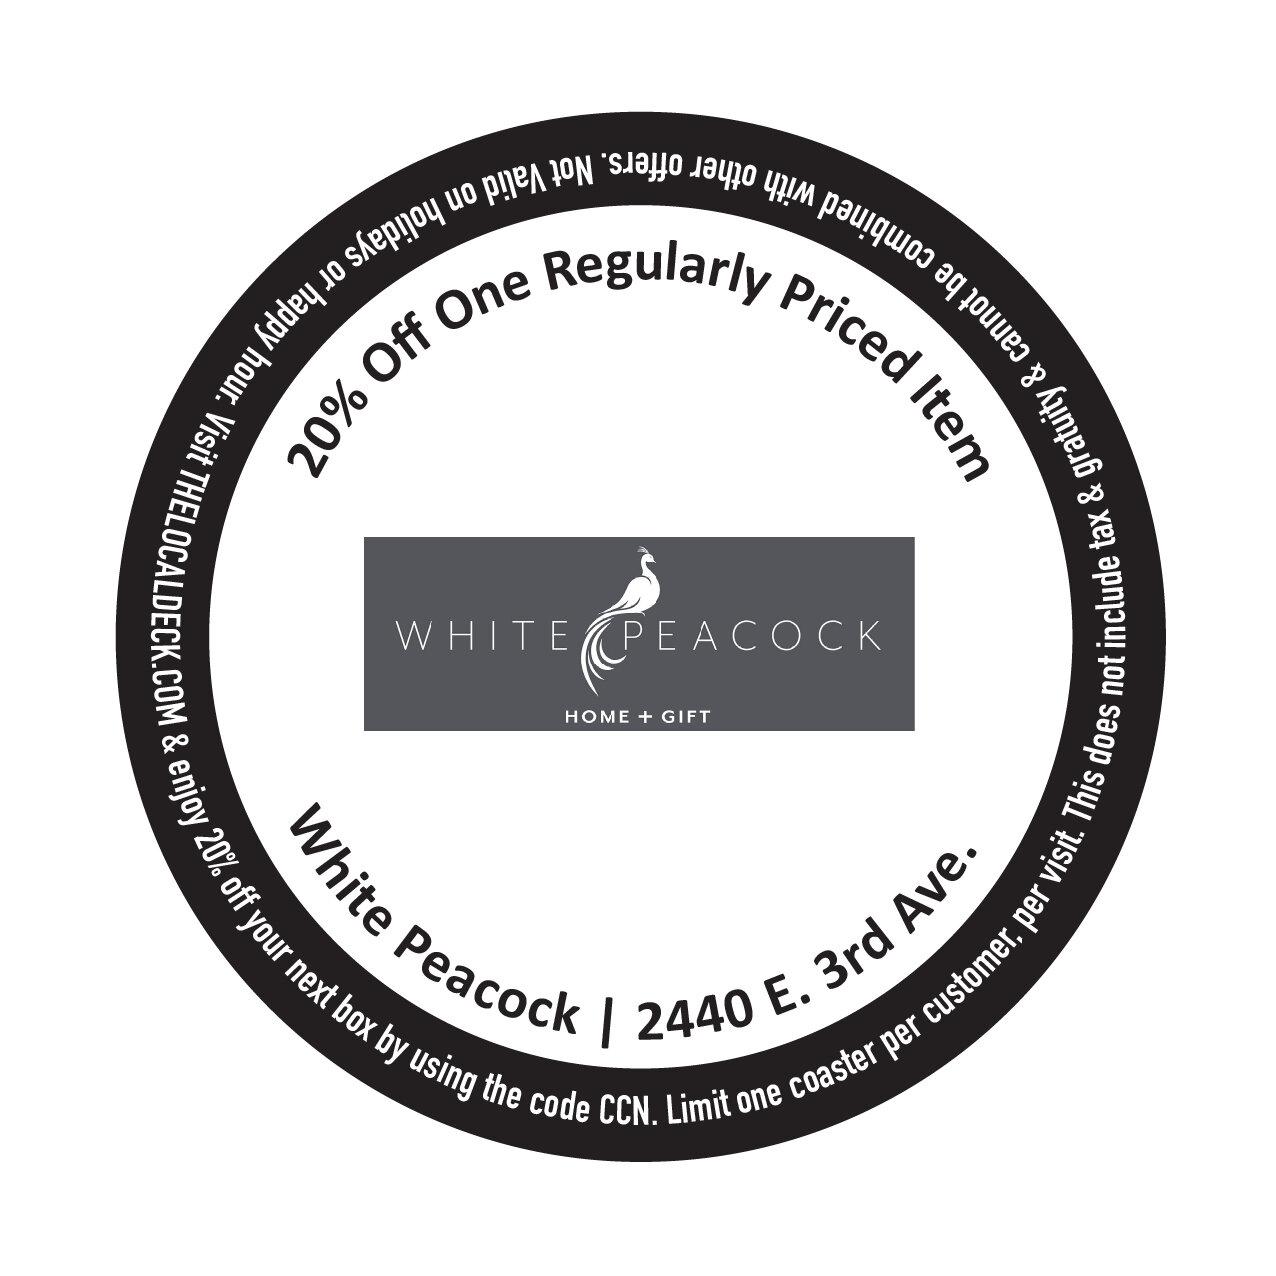 White Peacock NEW.jpg